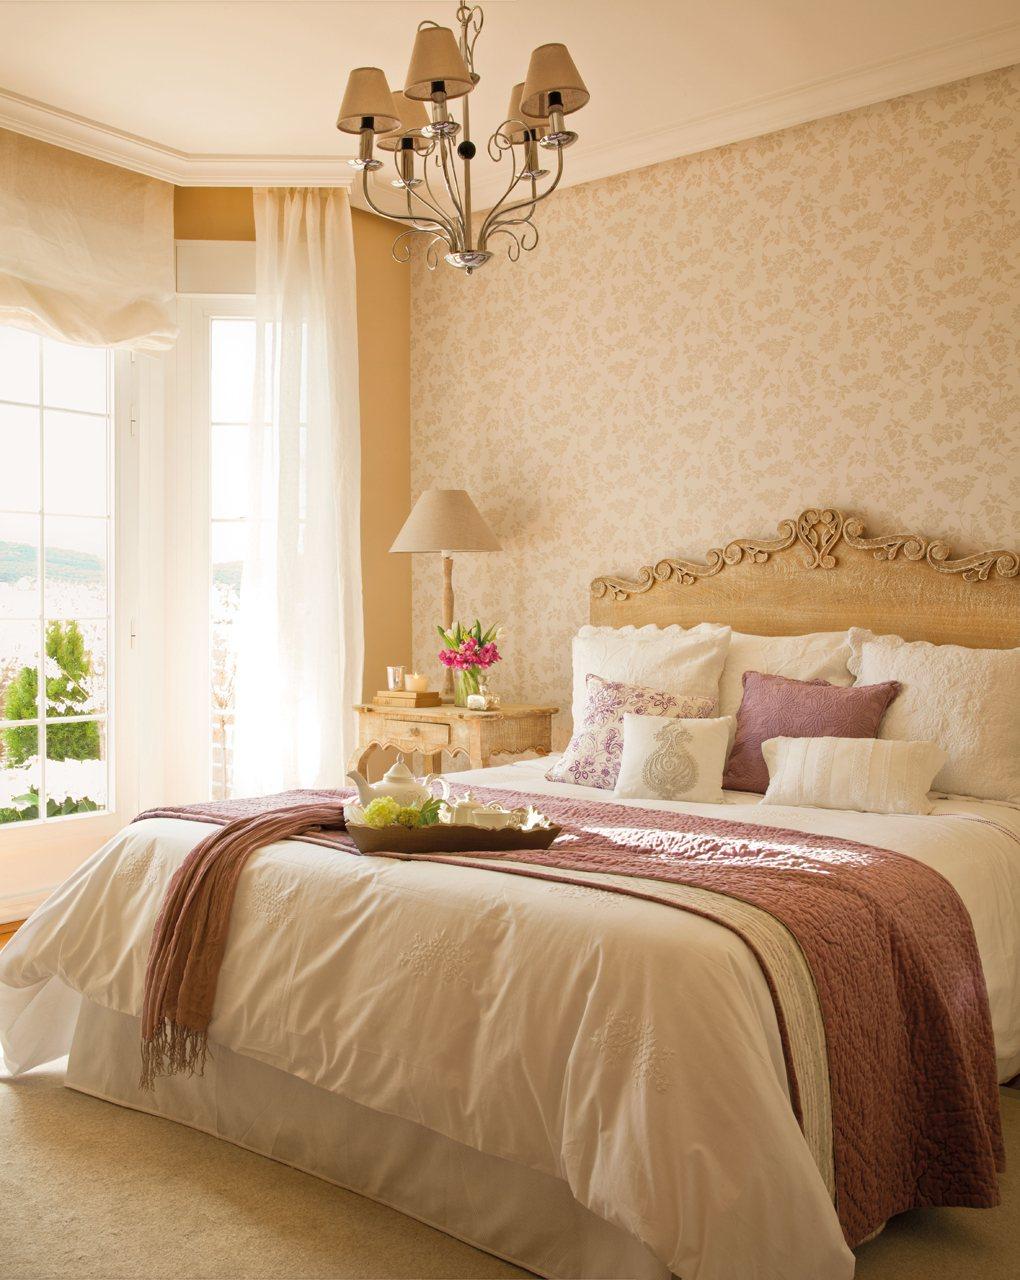 12 dormitorios renovados por el mueble - El mueble dormitorio juvenil ...